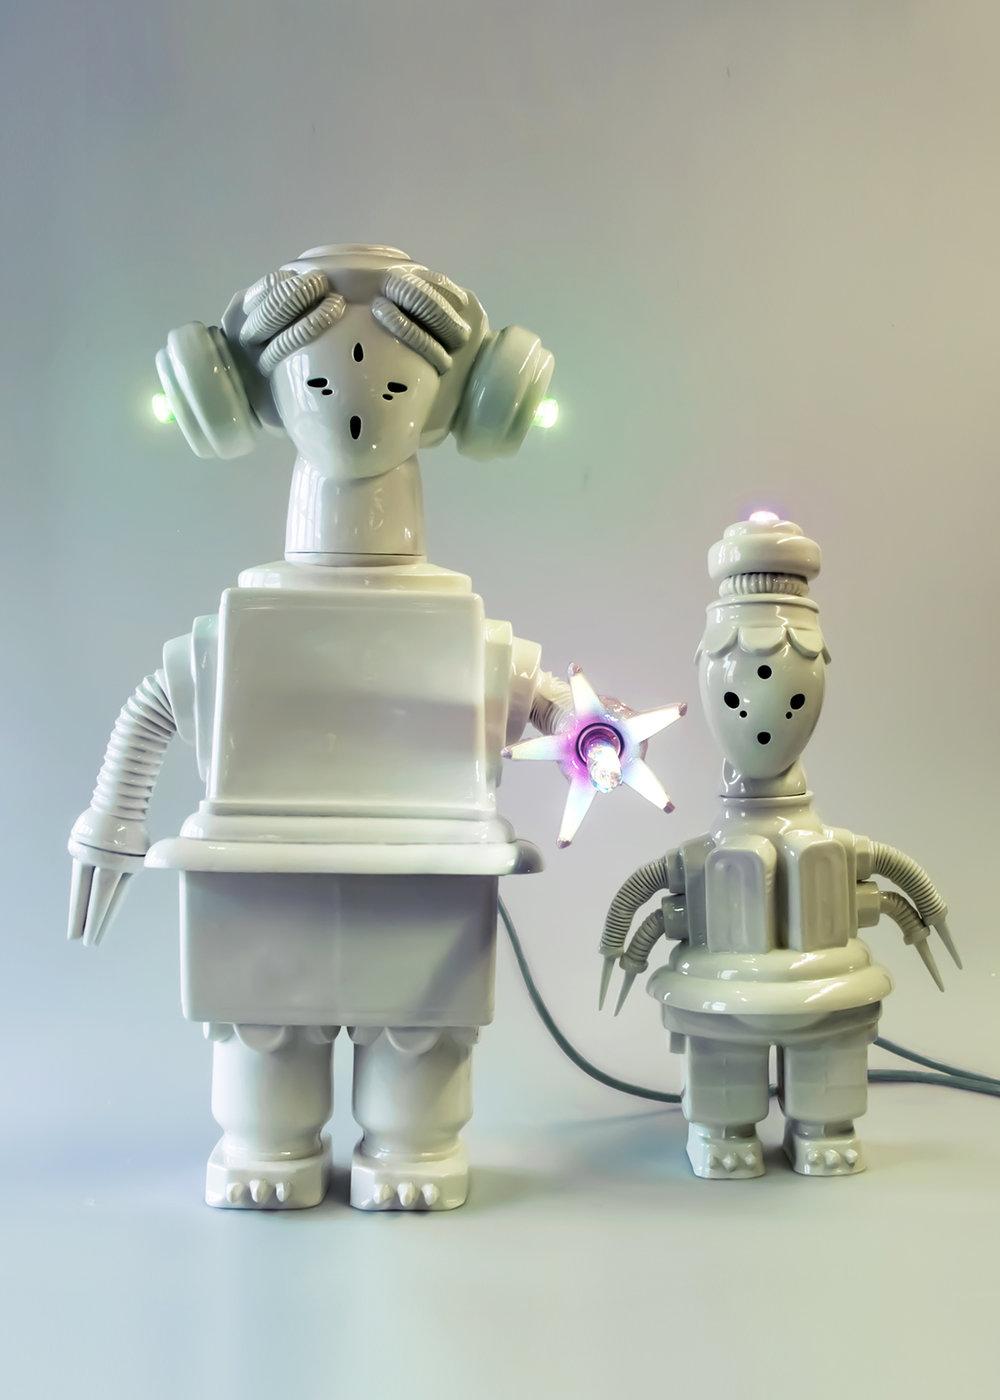 Robots, 2014